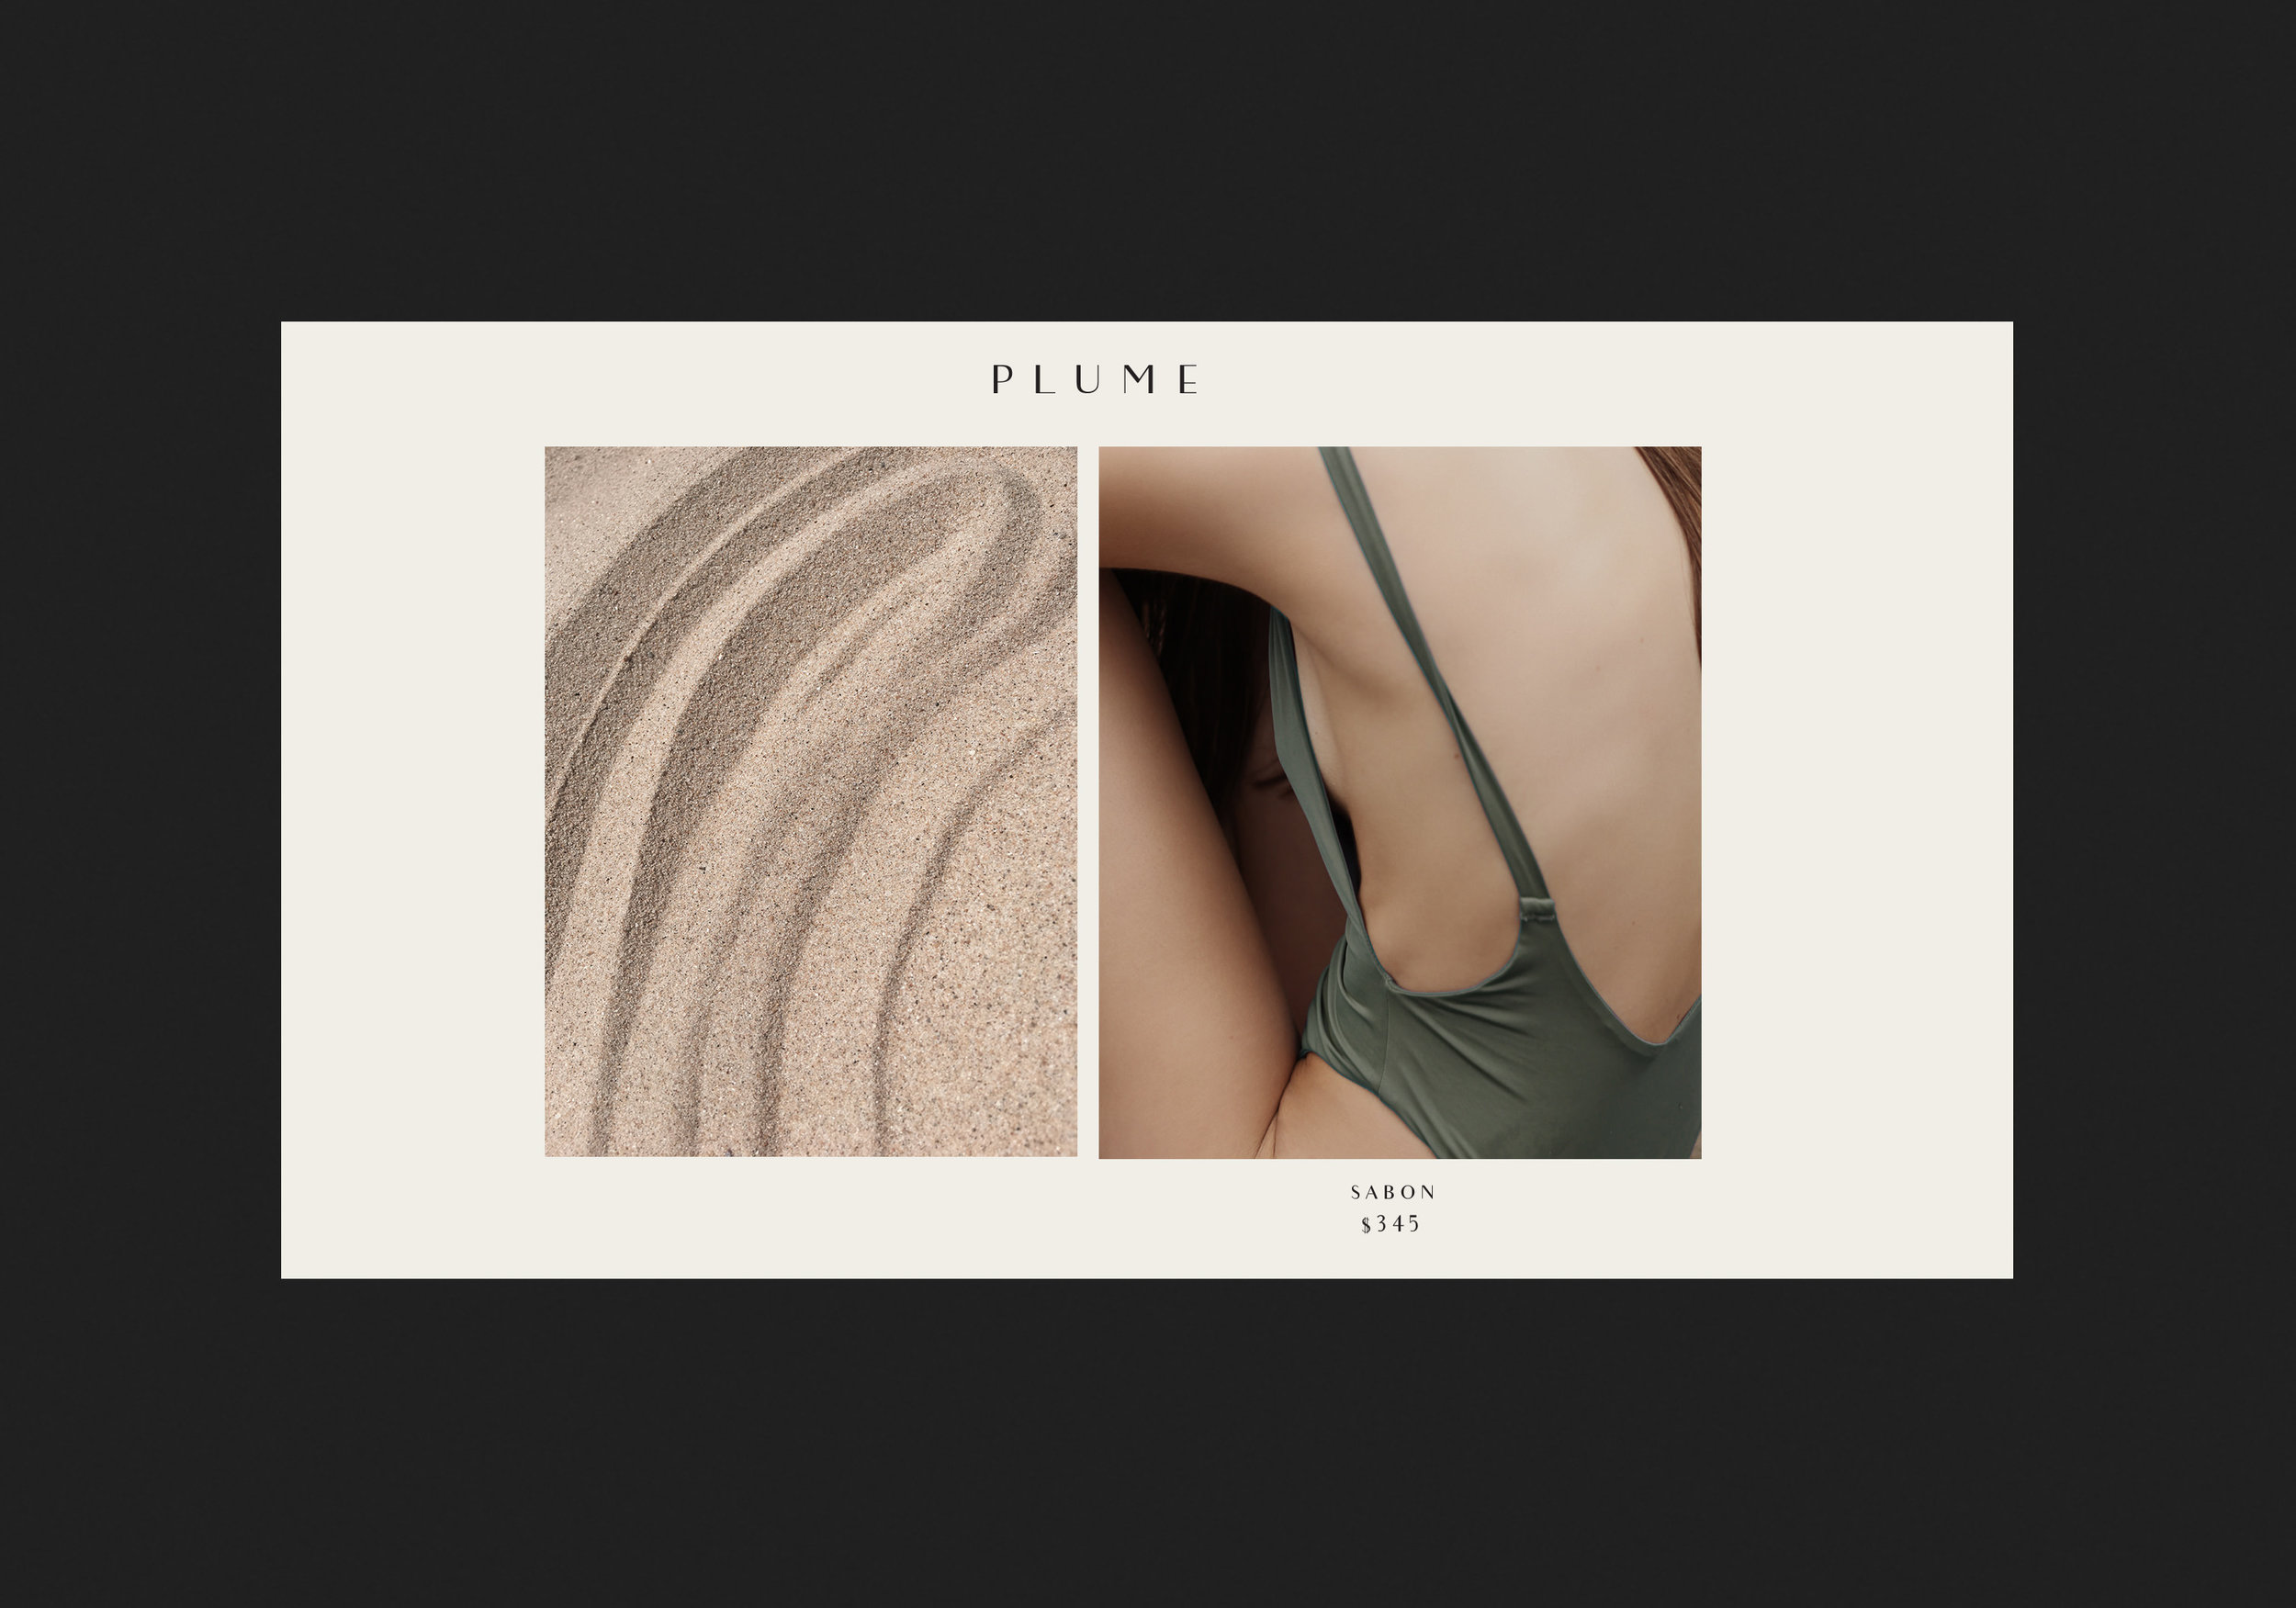 PLUME-swimwear-branding-webpage-design-loolaadesigns.jpg